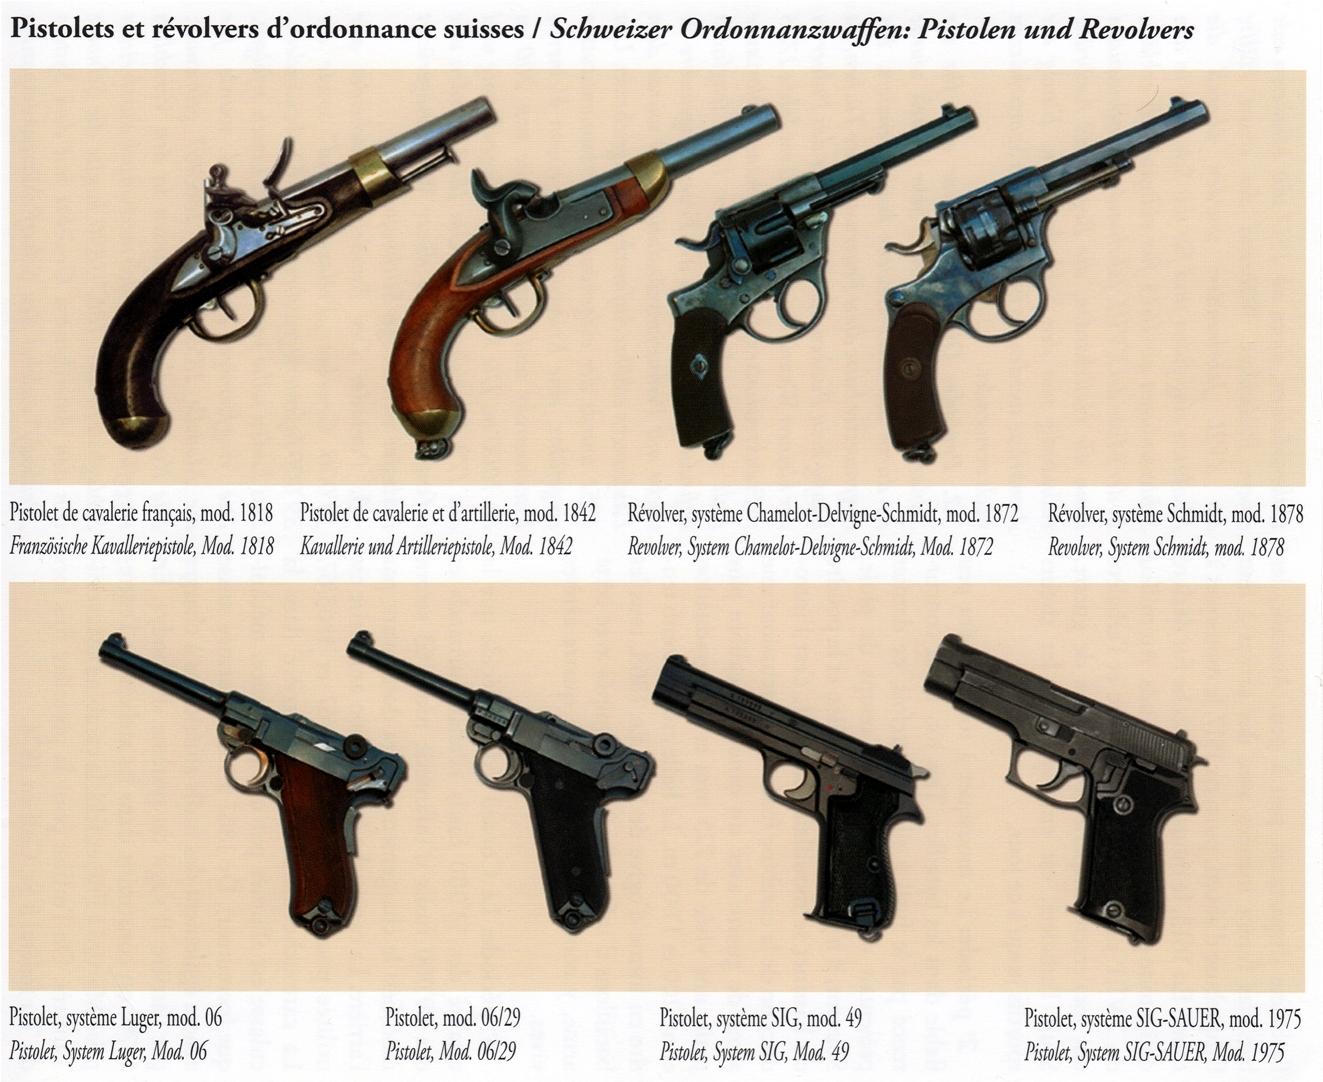 Historique : les fusils et pistolets d'ordonnance de l'Armée suisse